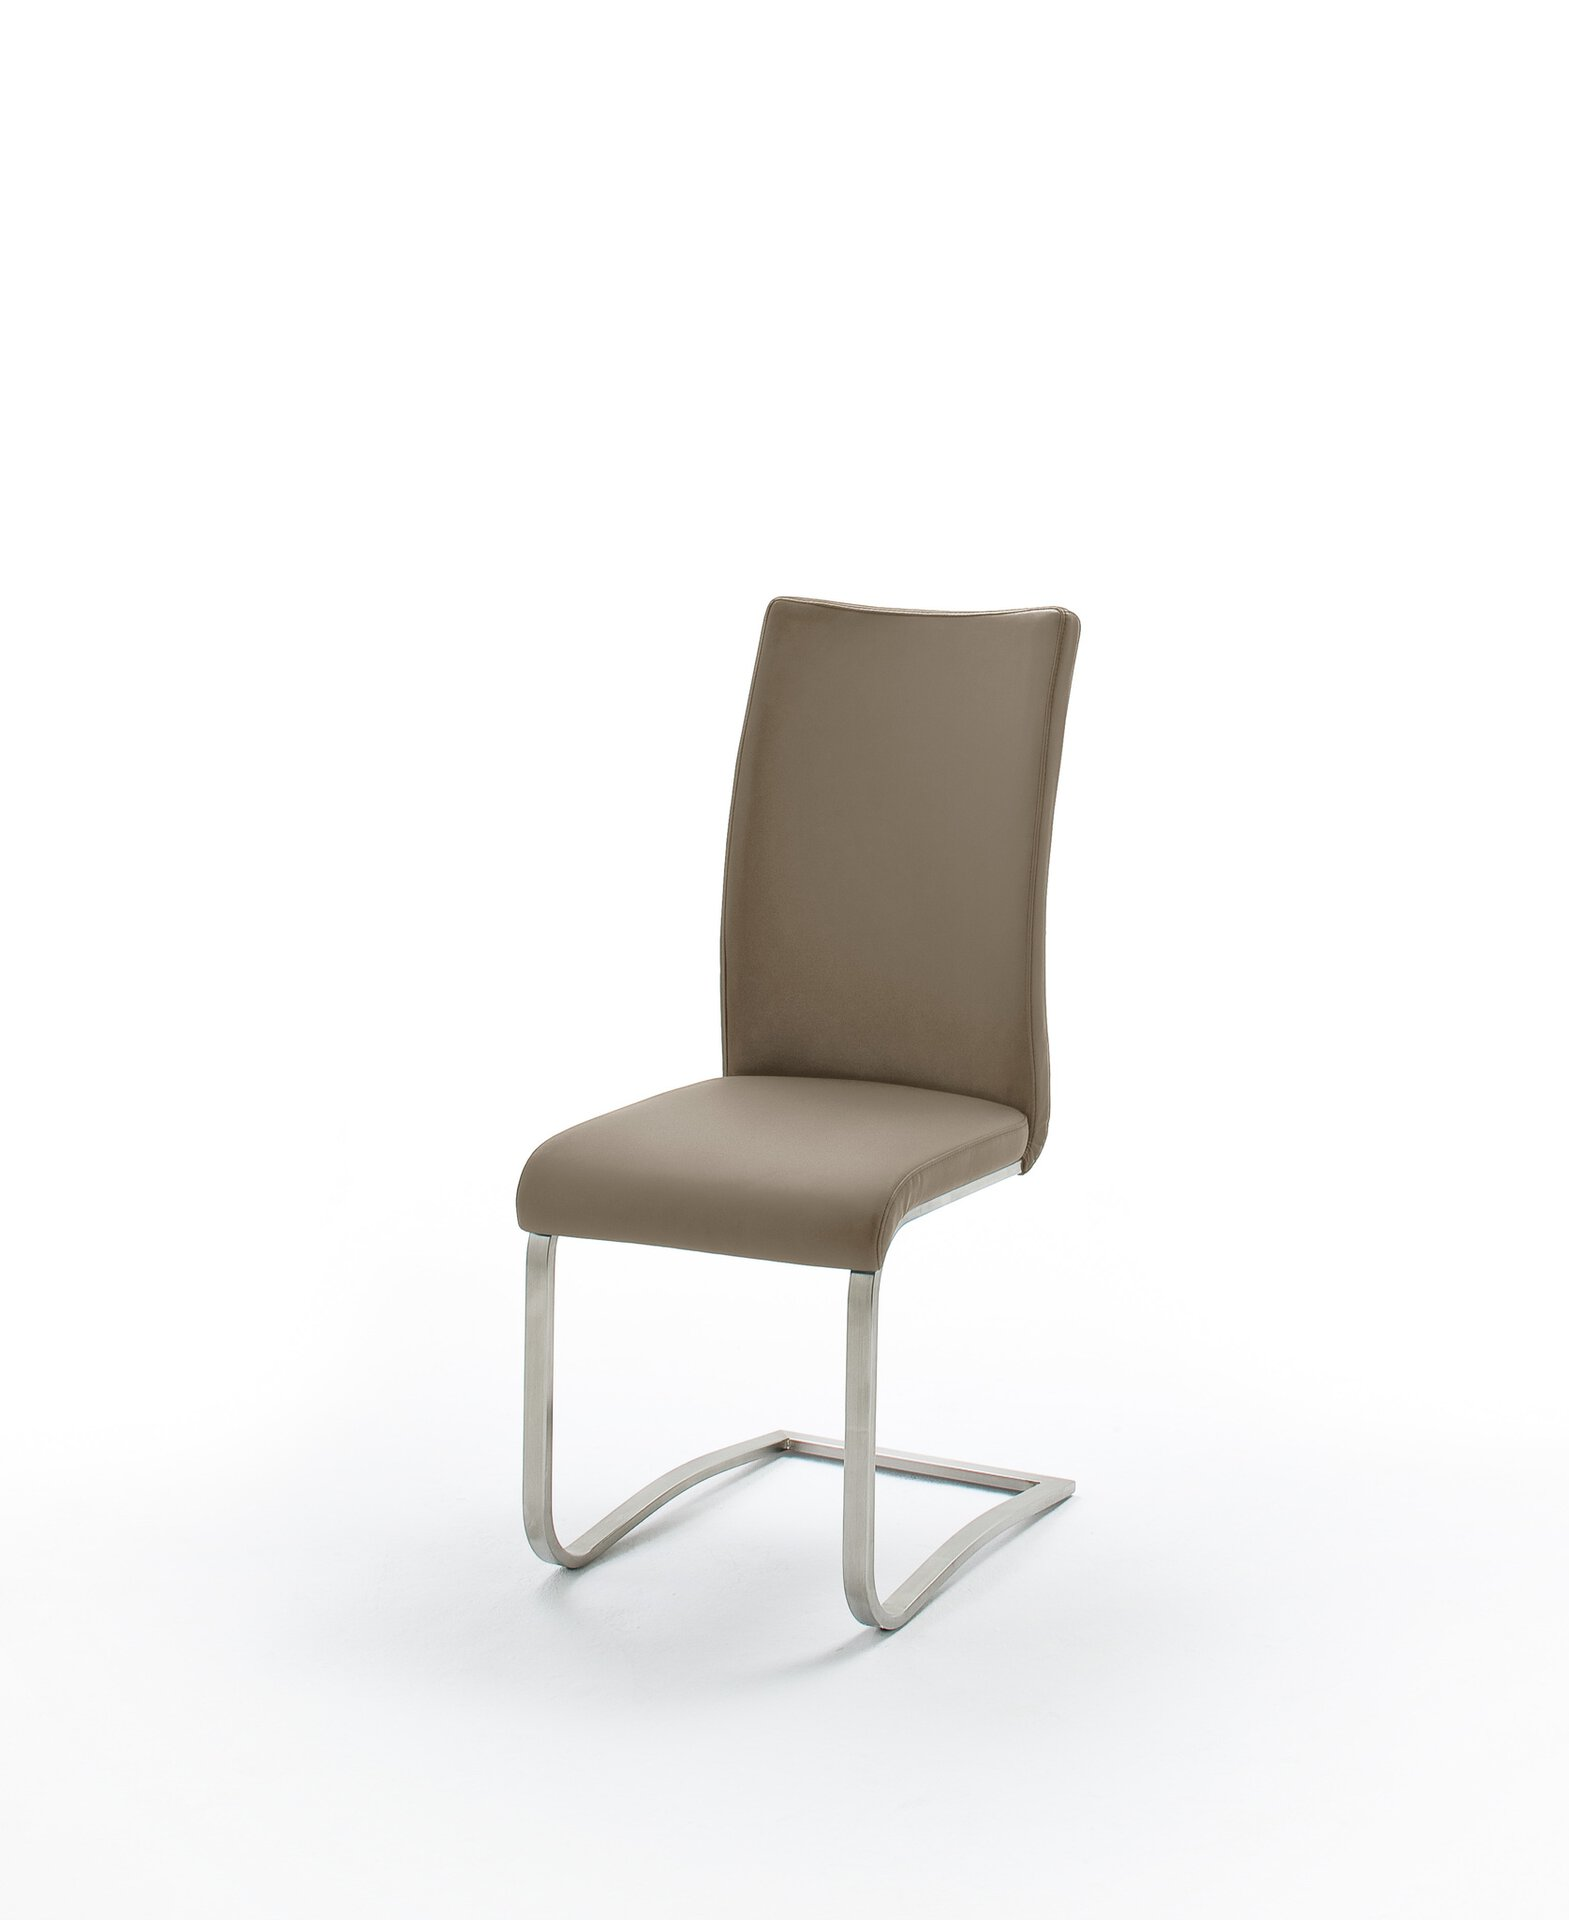 Stuhl ARC02 MCA furniture Metall braun 52 x 103 x 43 cm